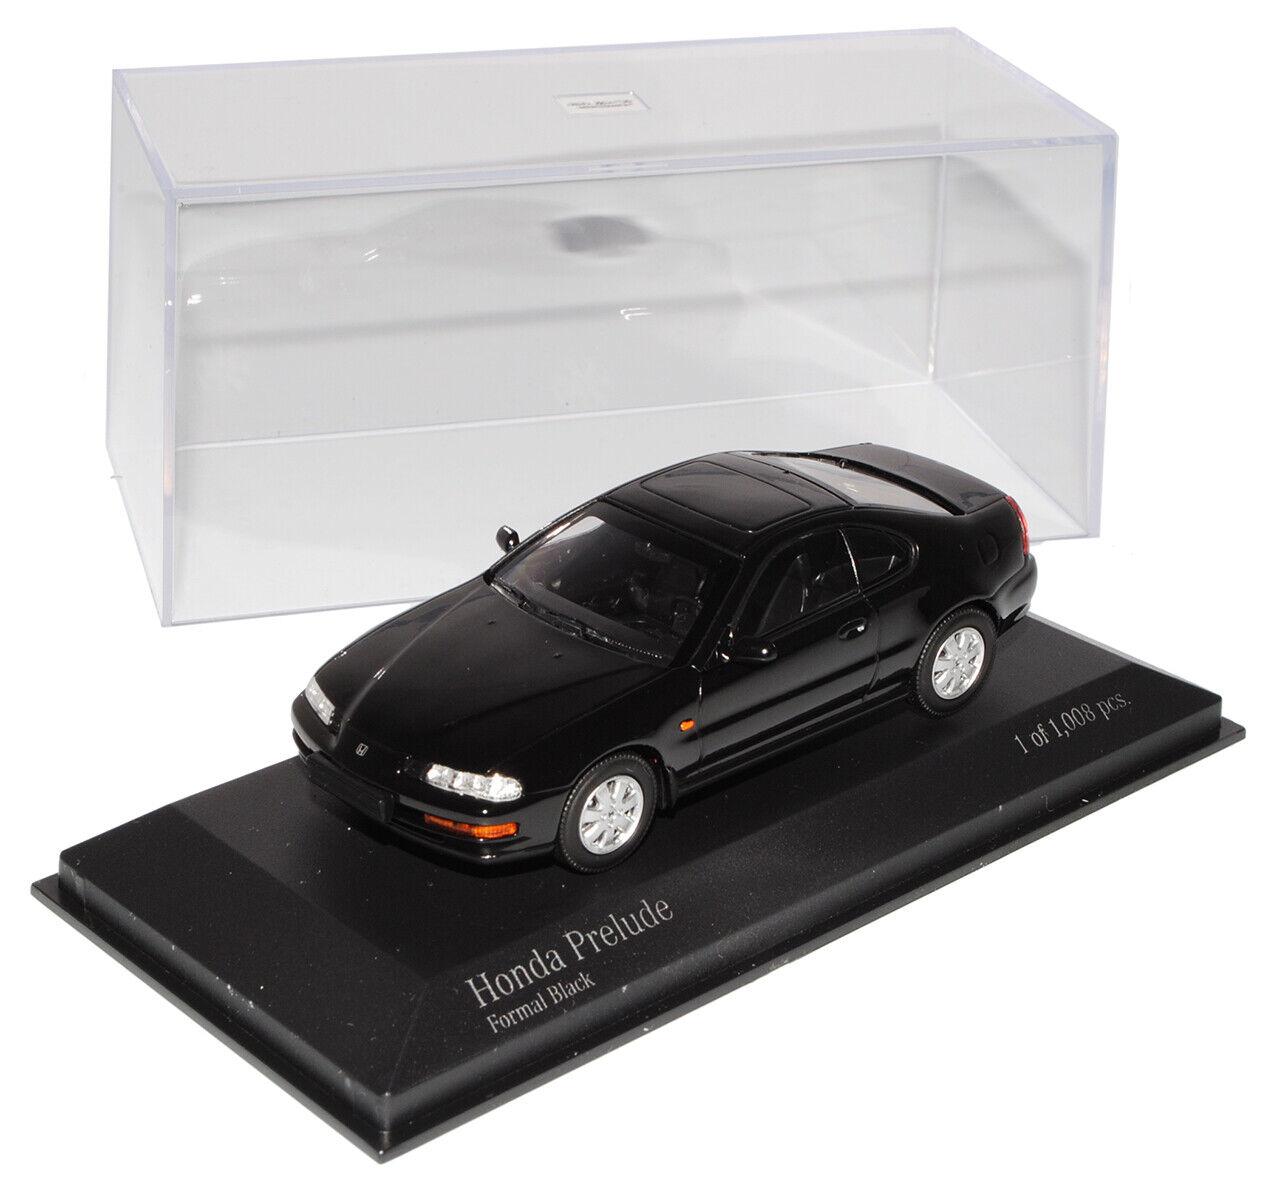 HONDA Prelude COUPE NERO 1992 143 Minichamps modellolo auto con o senza ind...